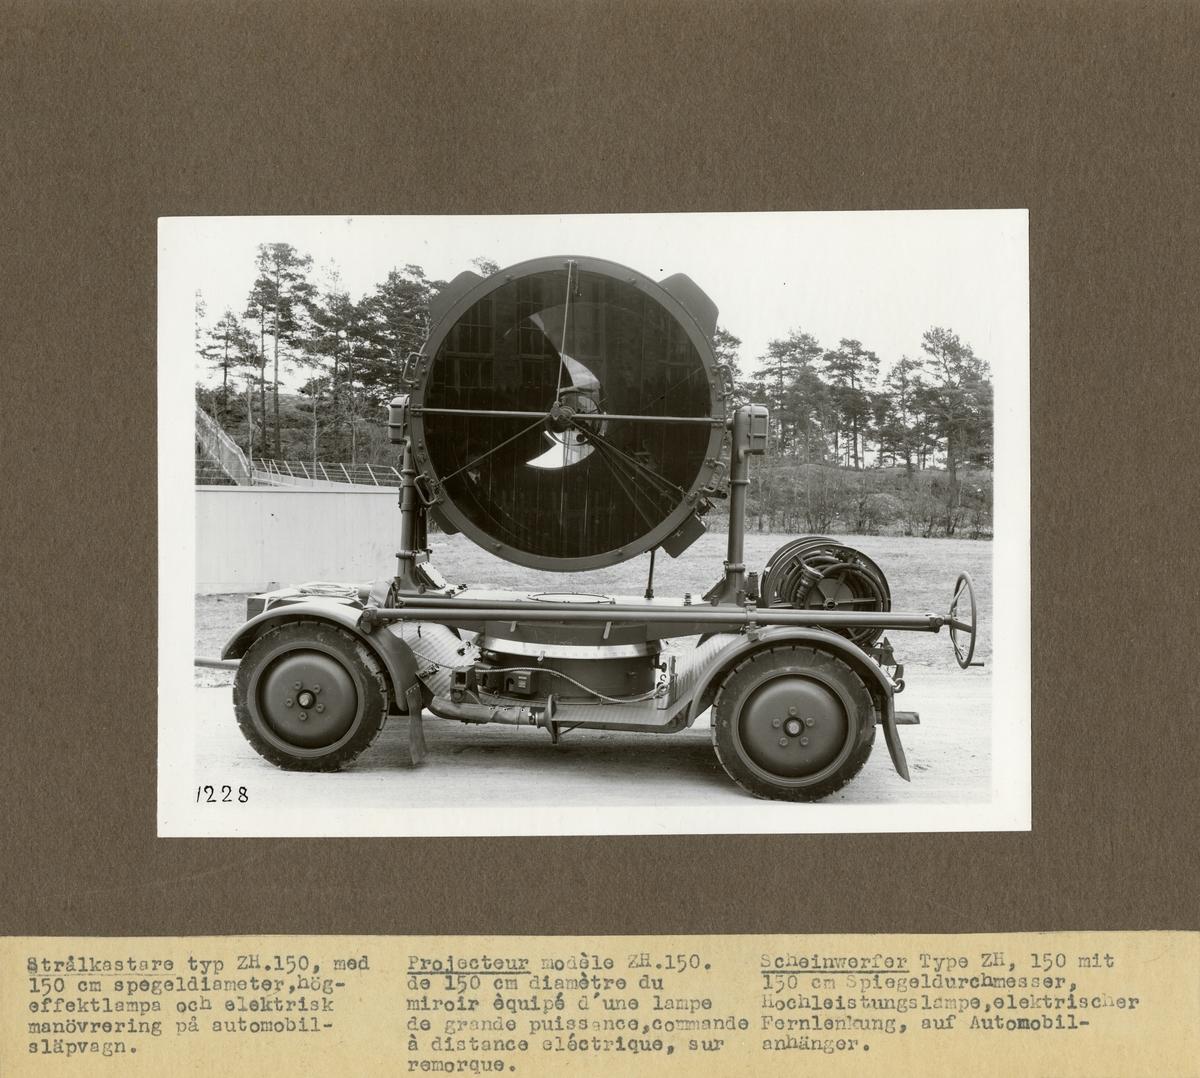 Strålkastare typ ZH 150, med 150 cm spegeldiameter, högeffektlampa och elektrisk manövrering på automobilsläpvagn. Tillverkad av Svenska Instrument Aktiebolaget (SIA).